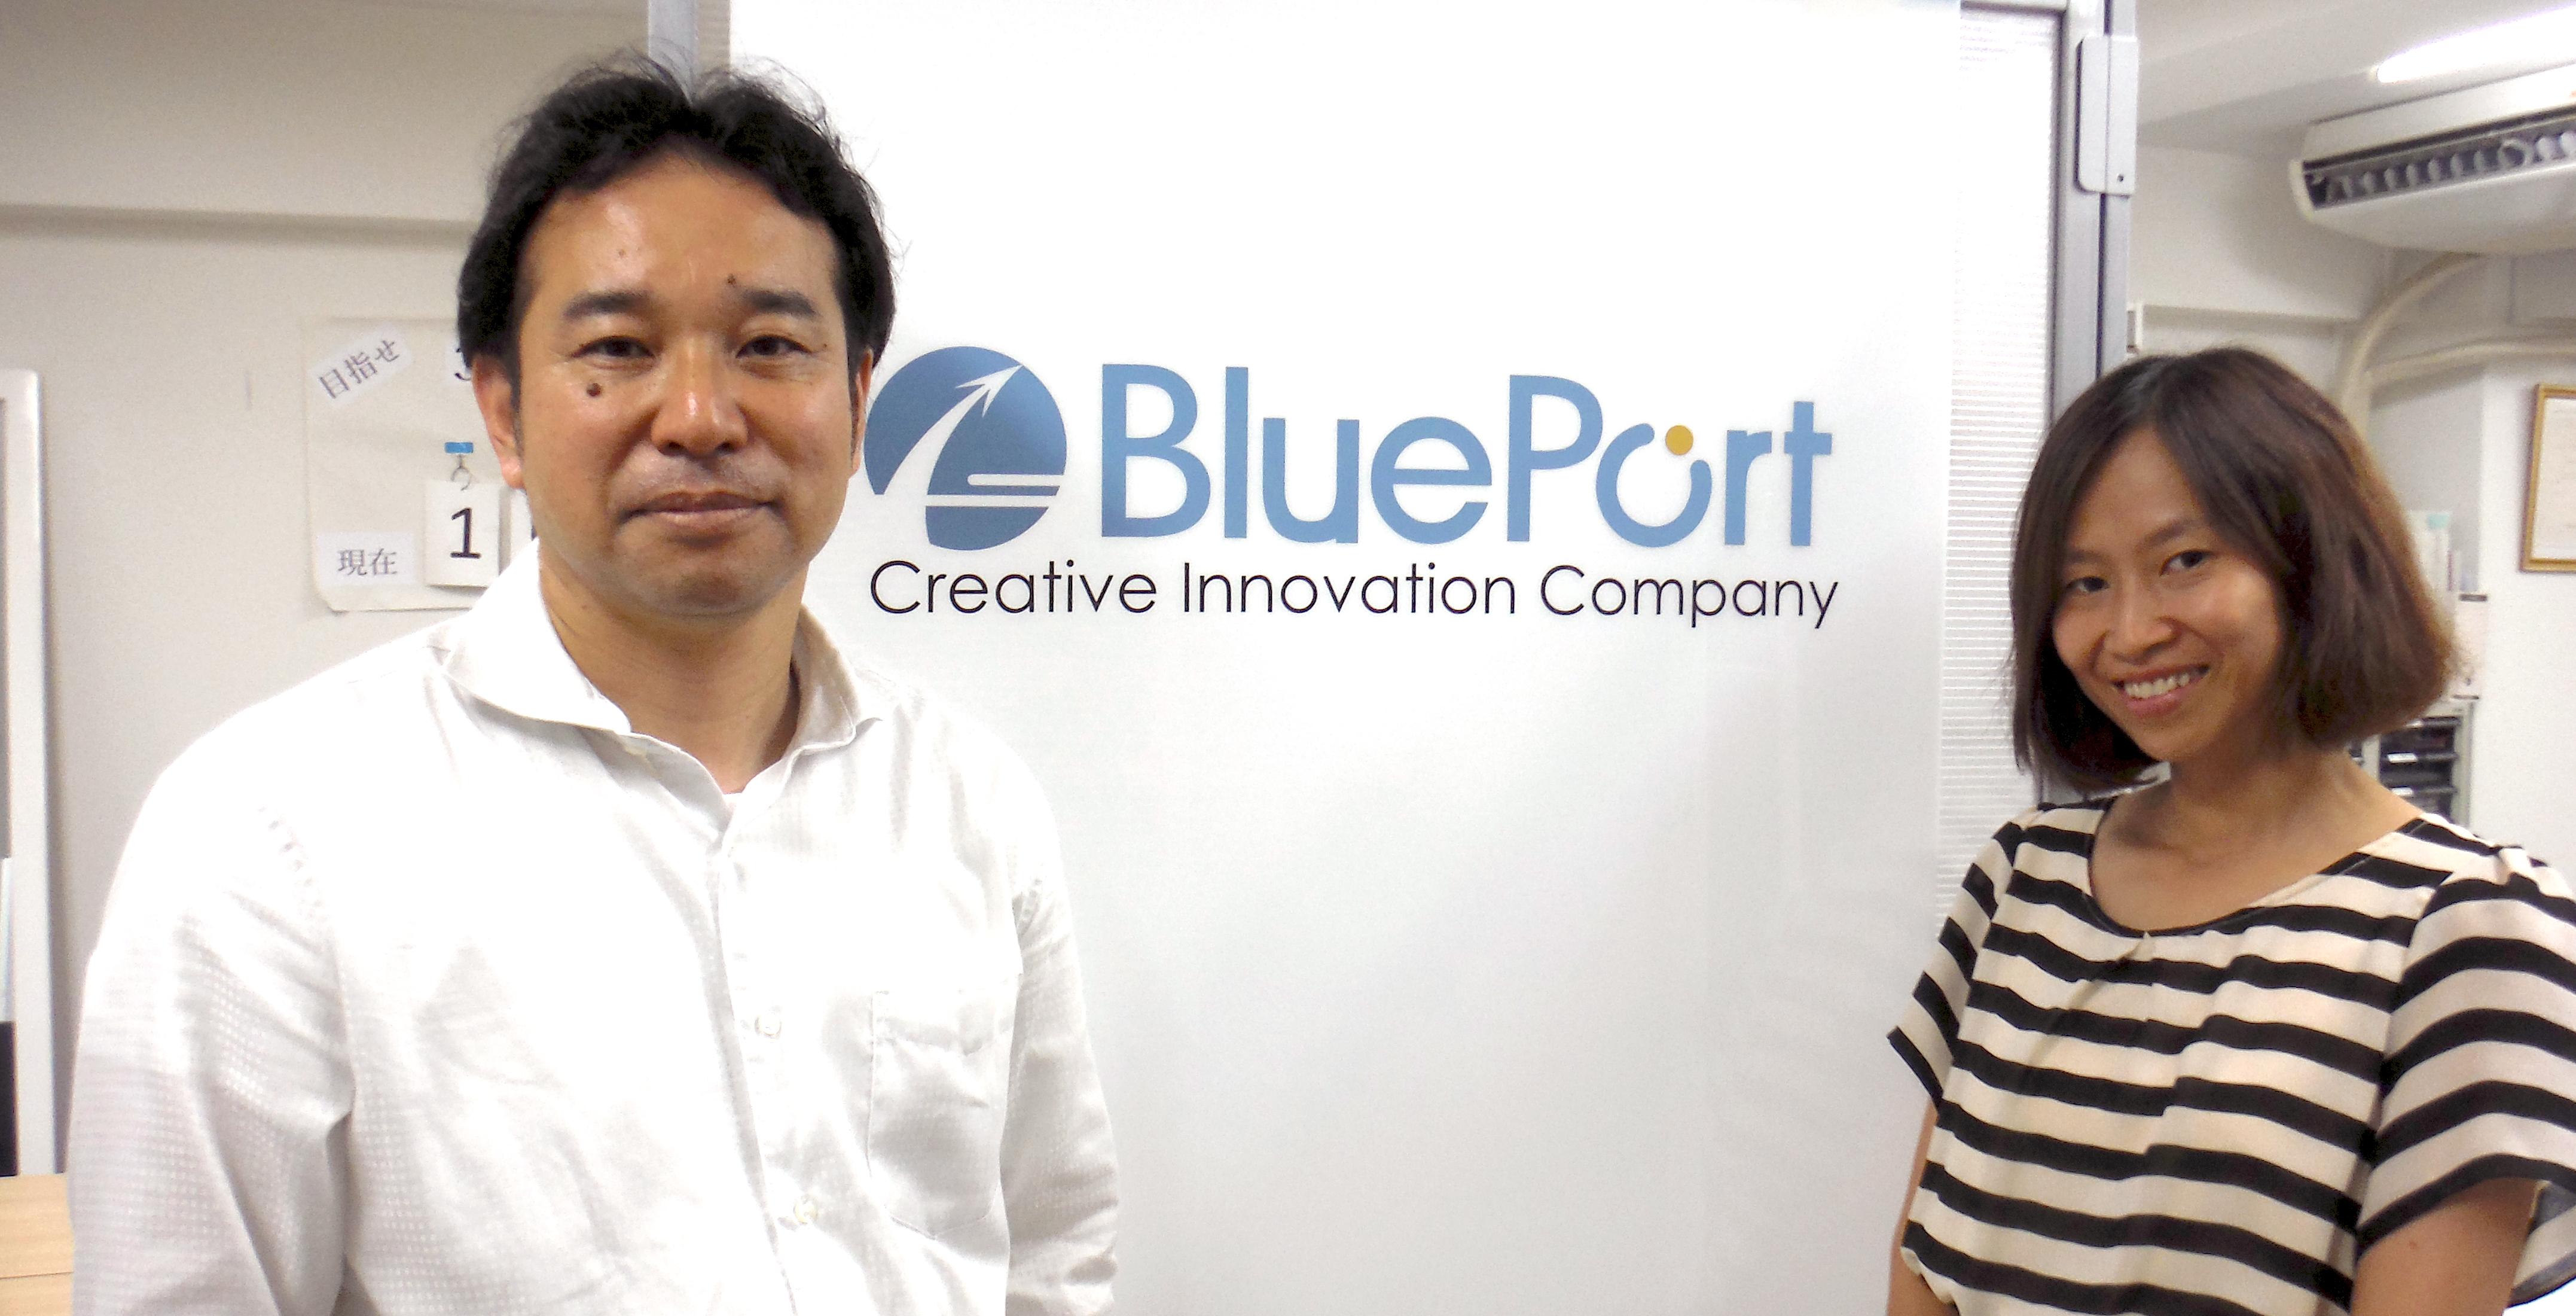 ブルーポートの中山 恭宏さんとトラン トゥエンさん